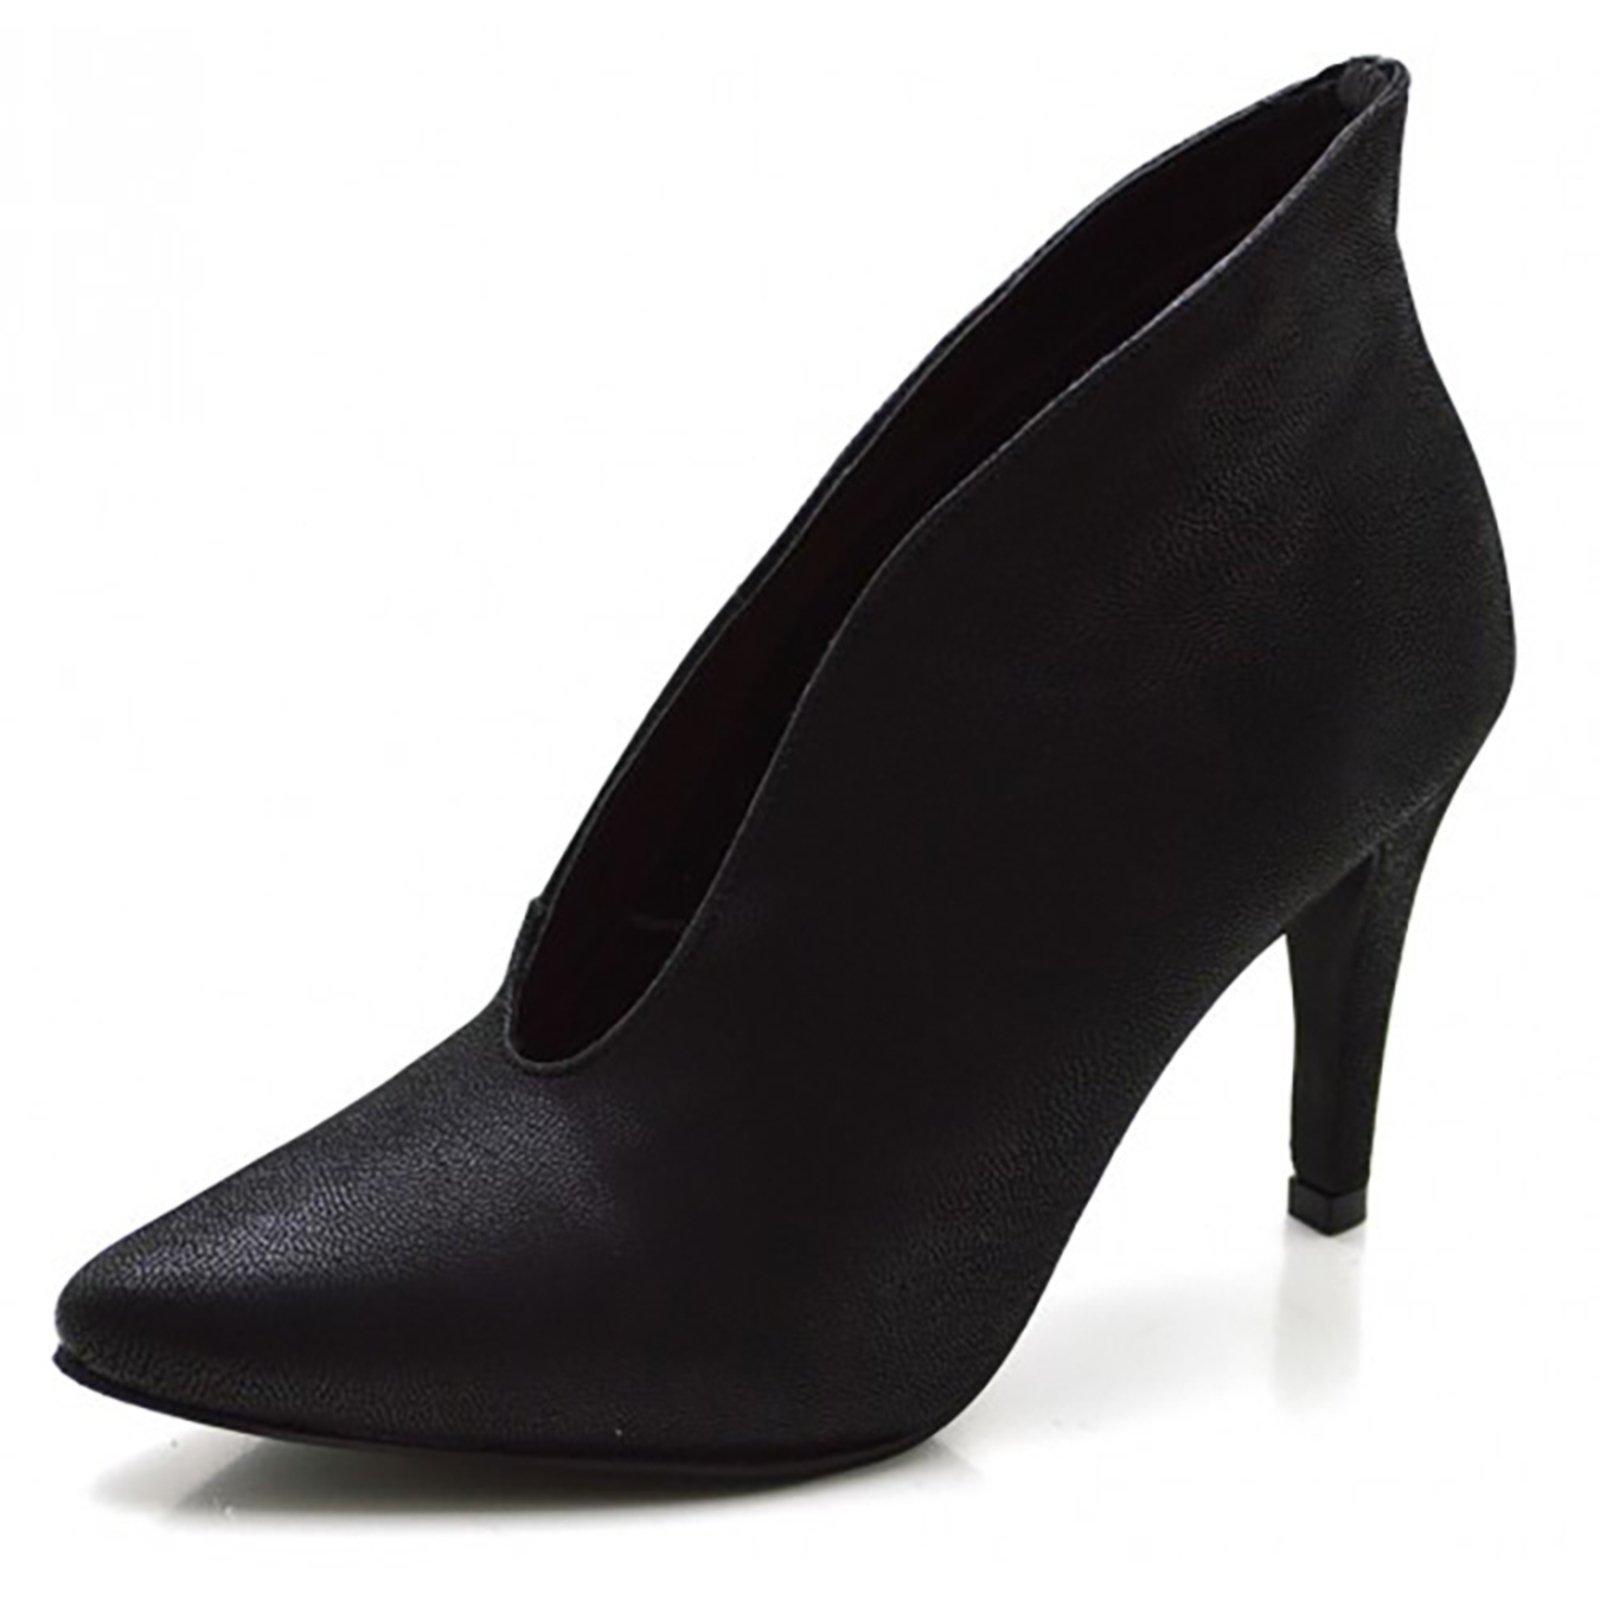 o mais recente sapatos casuais nova lista sapato fechado de